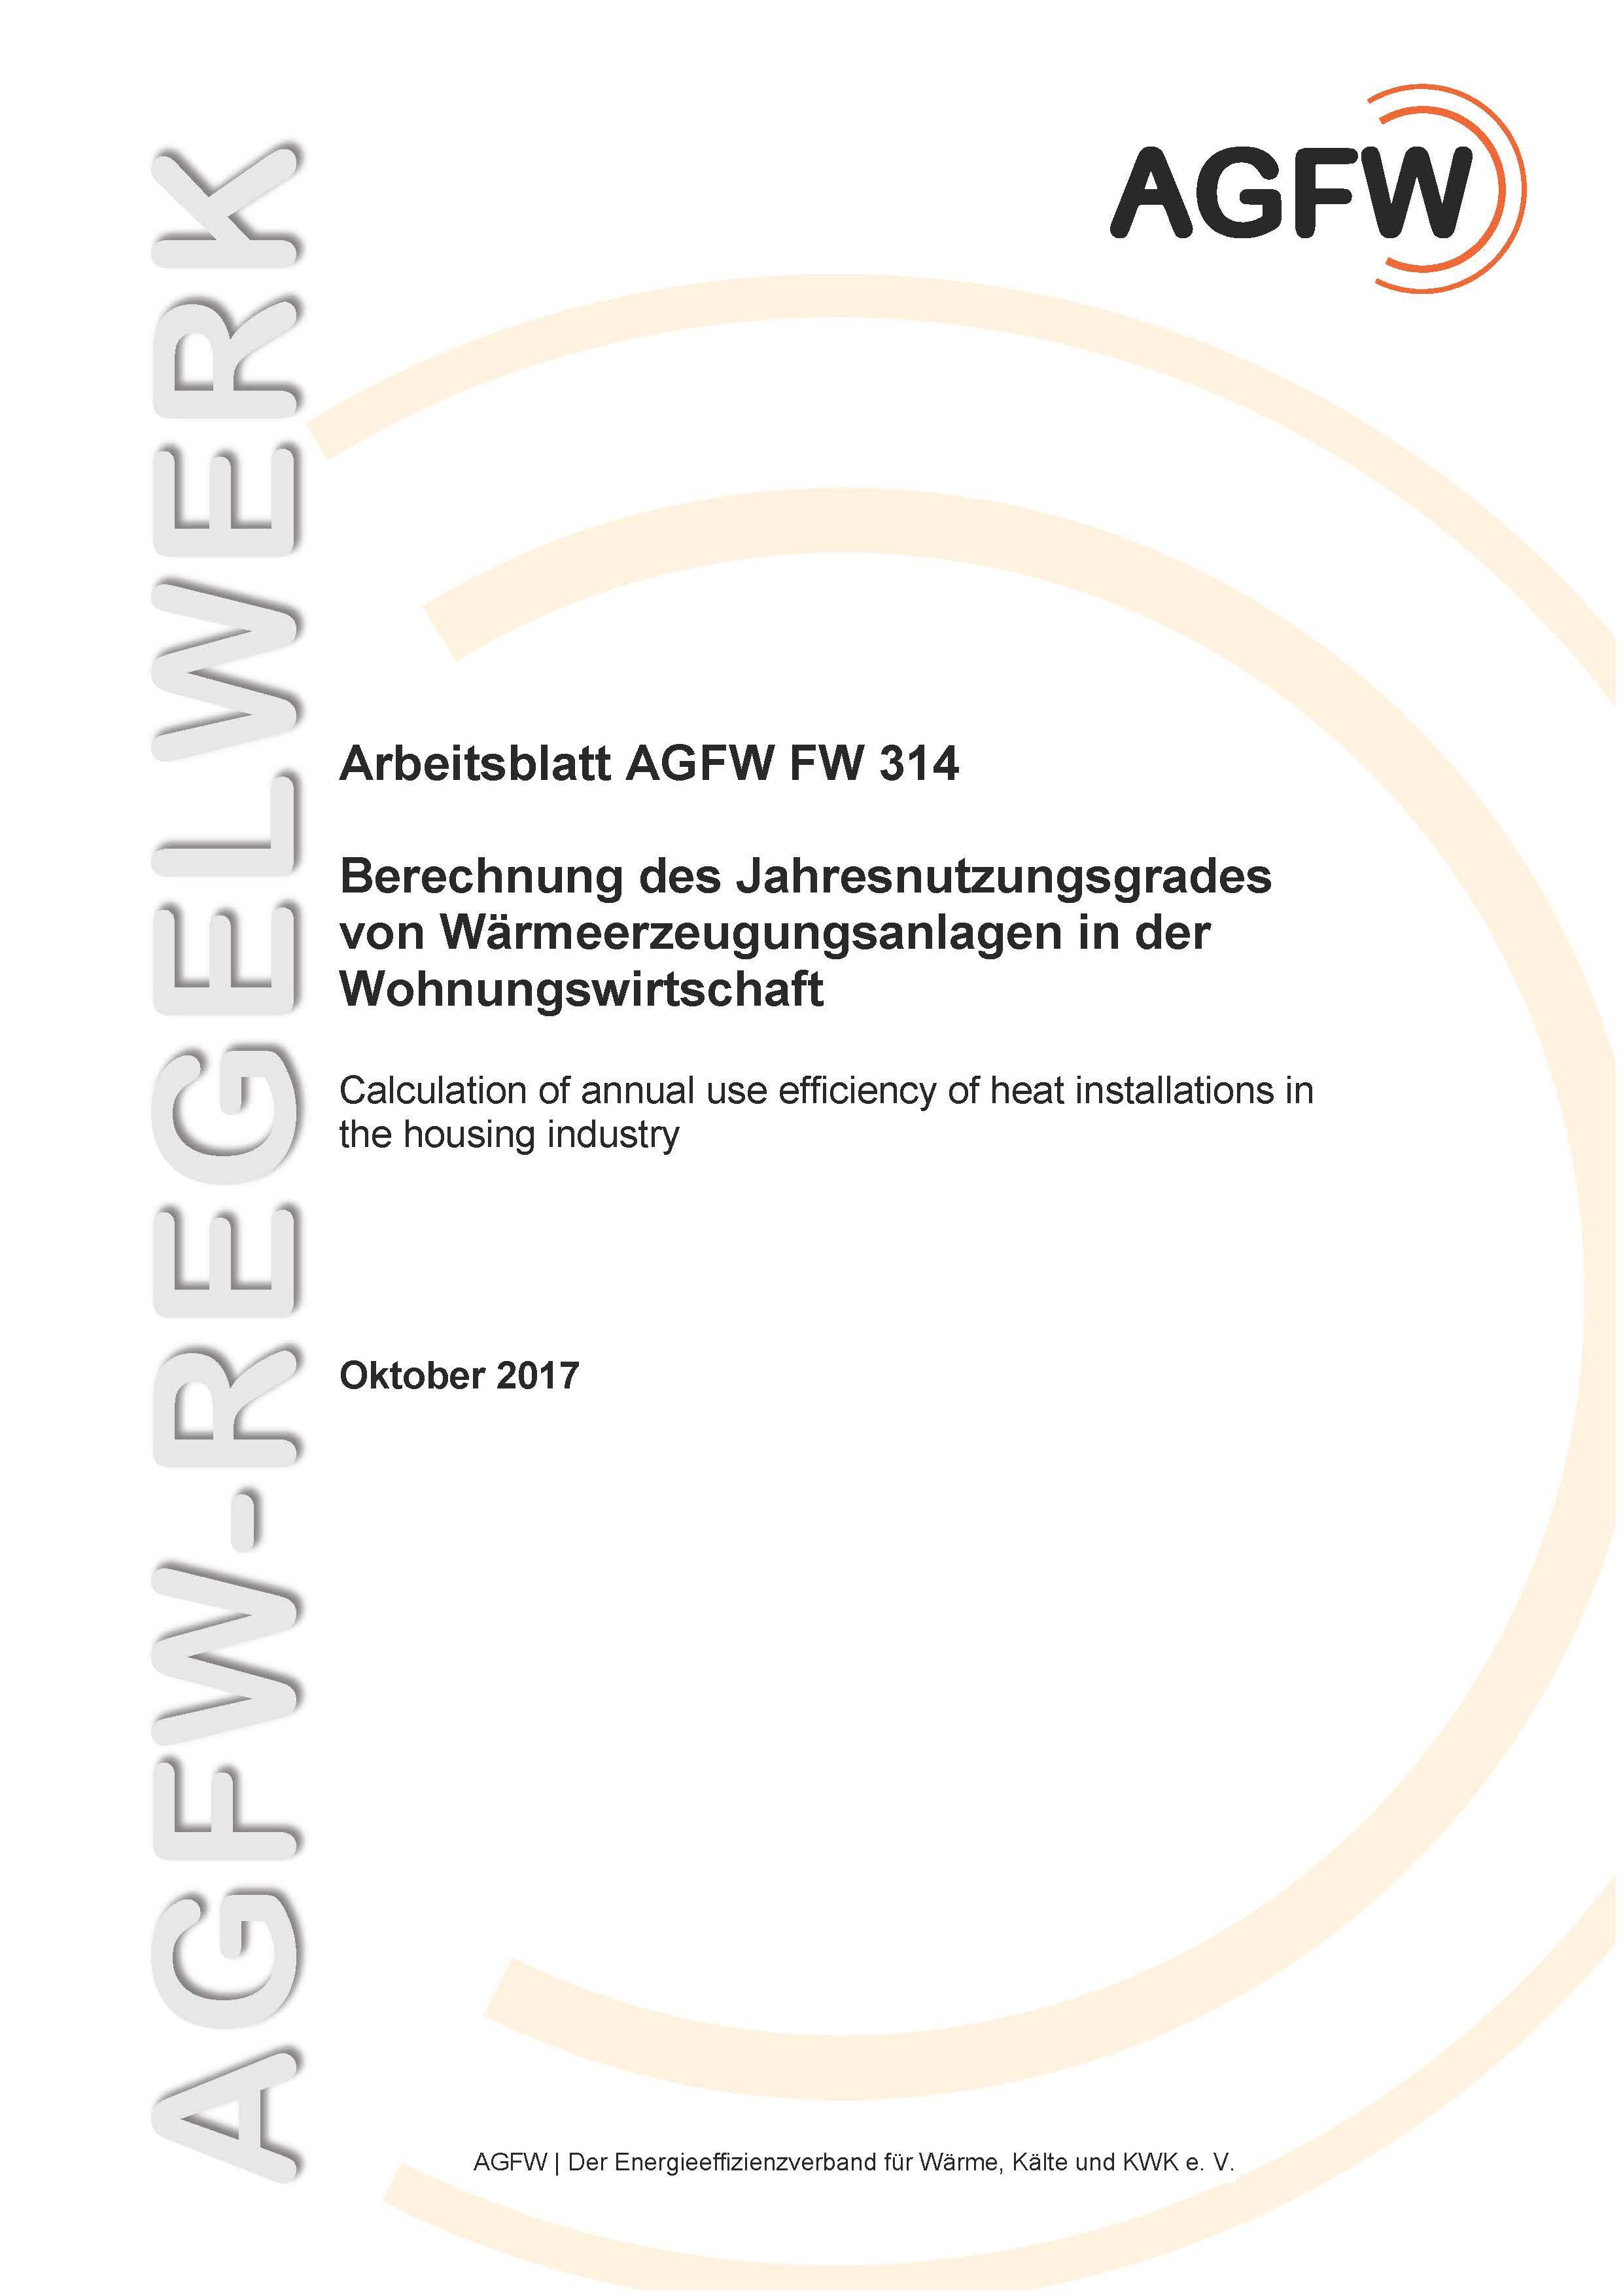 FW 314 - Berechnung des Jahresnutzungsgrades von ...